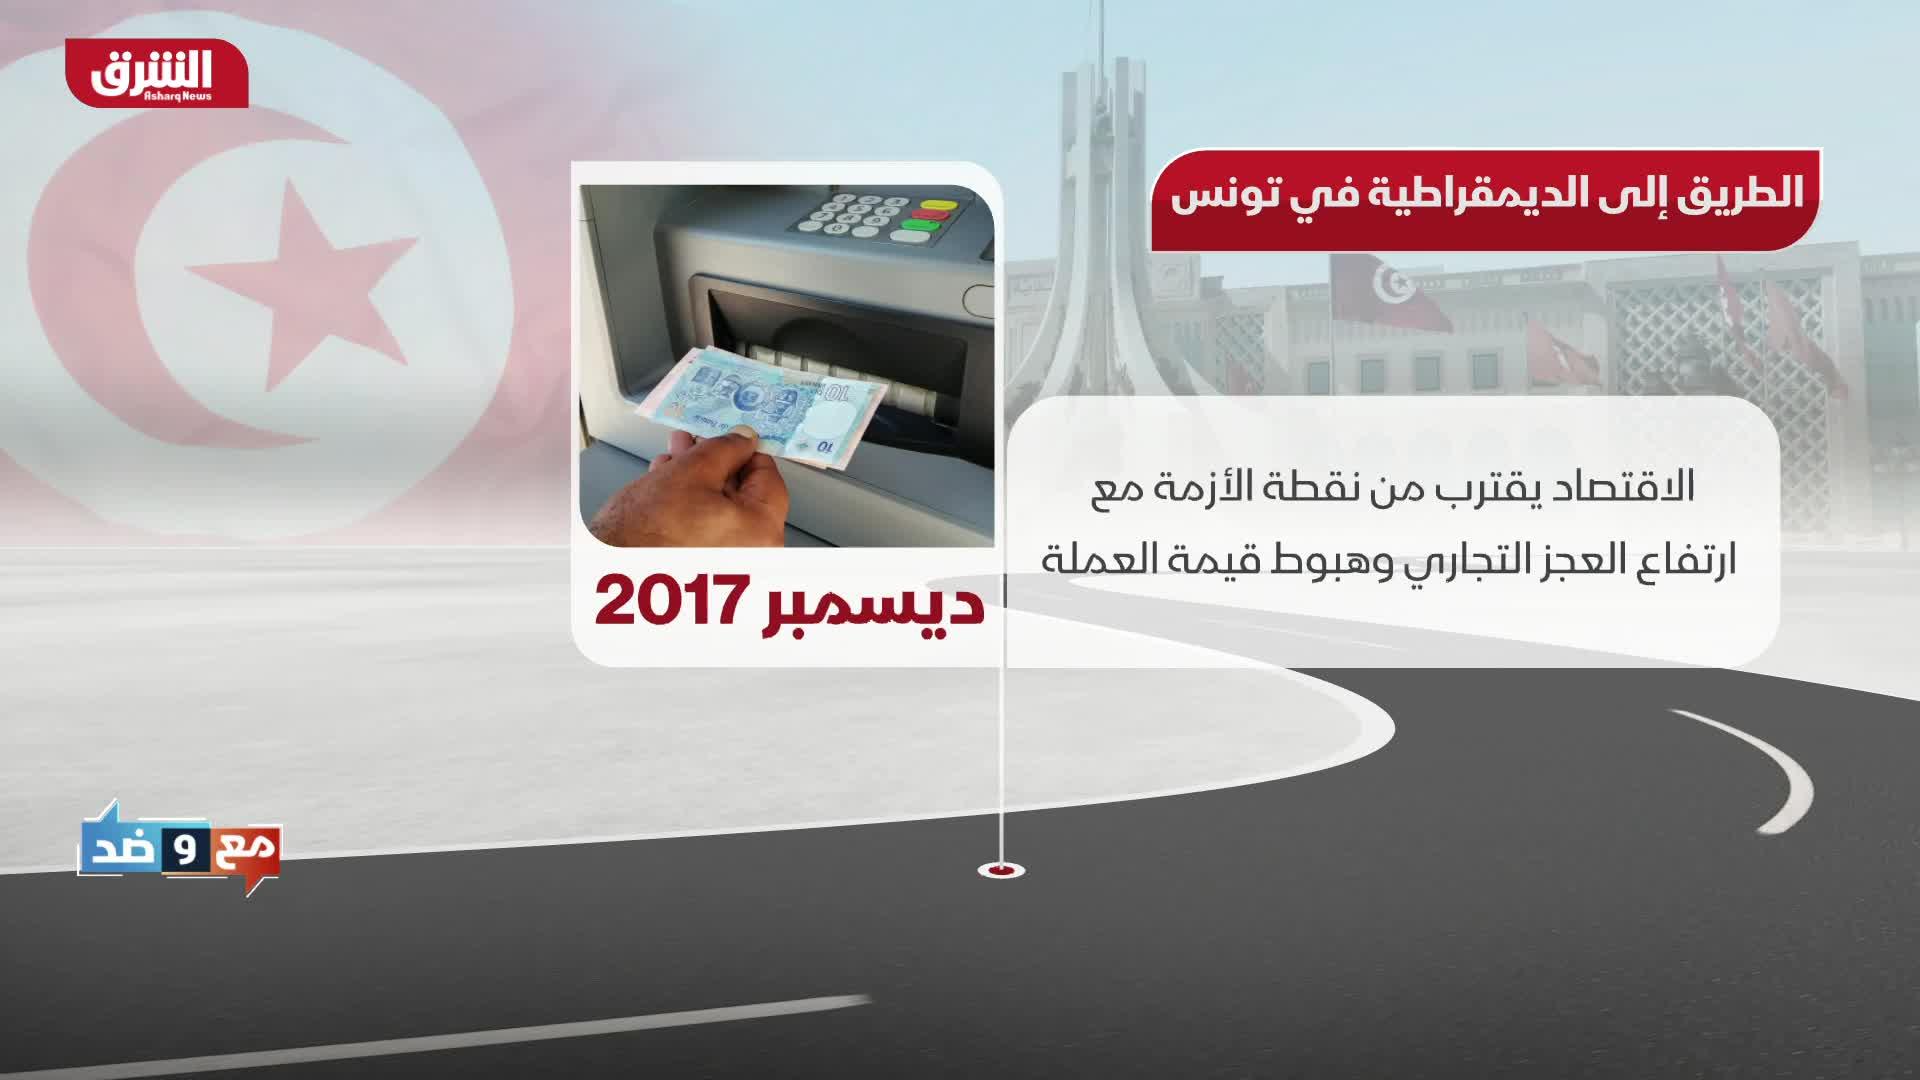 الطريق إلى الديمقراطية في تونس